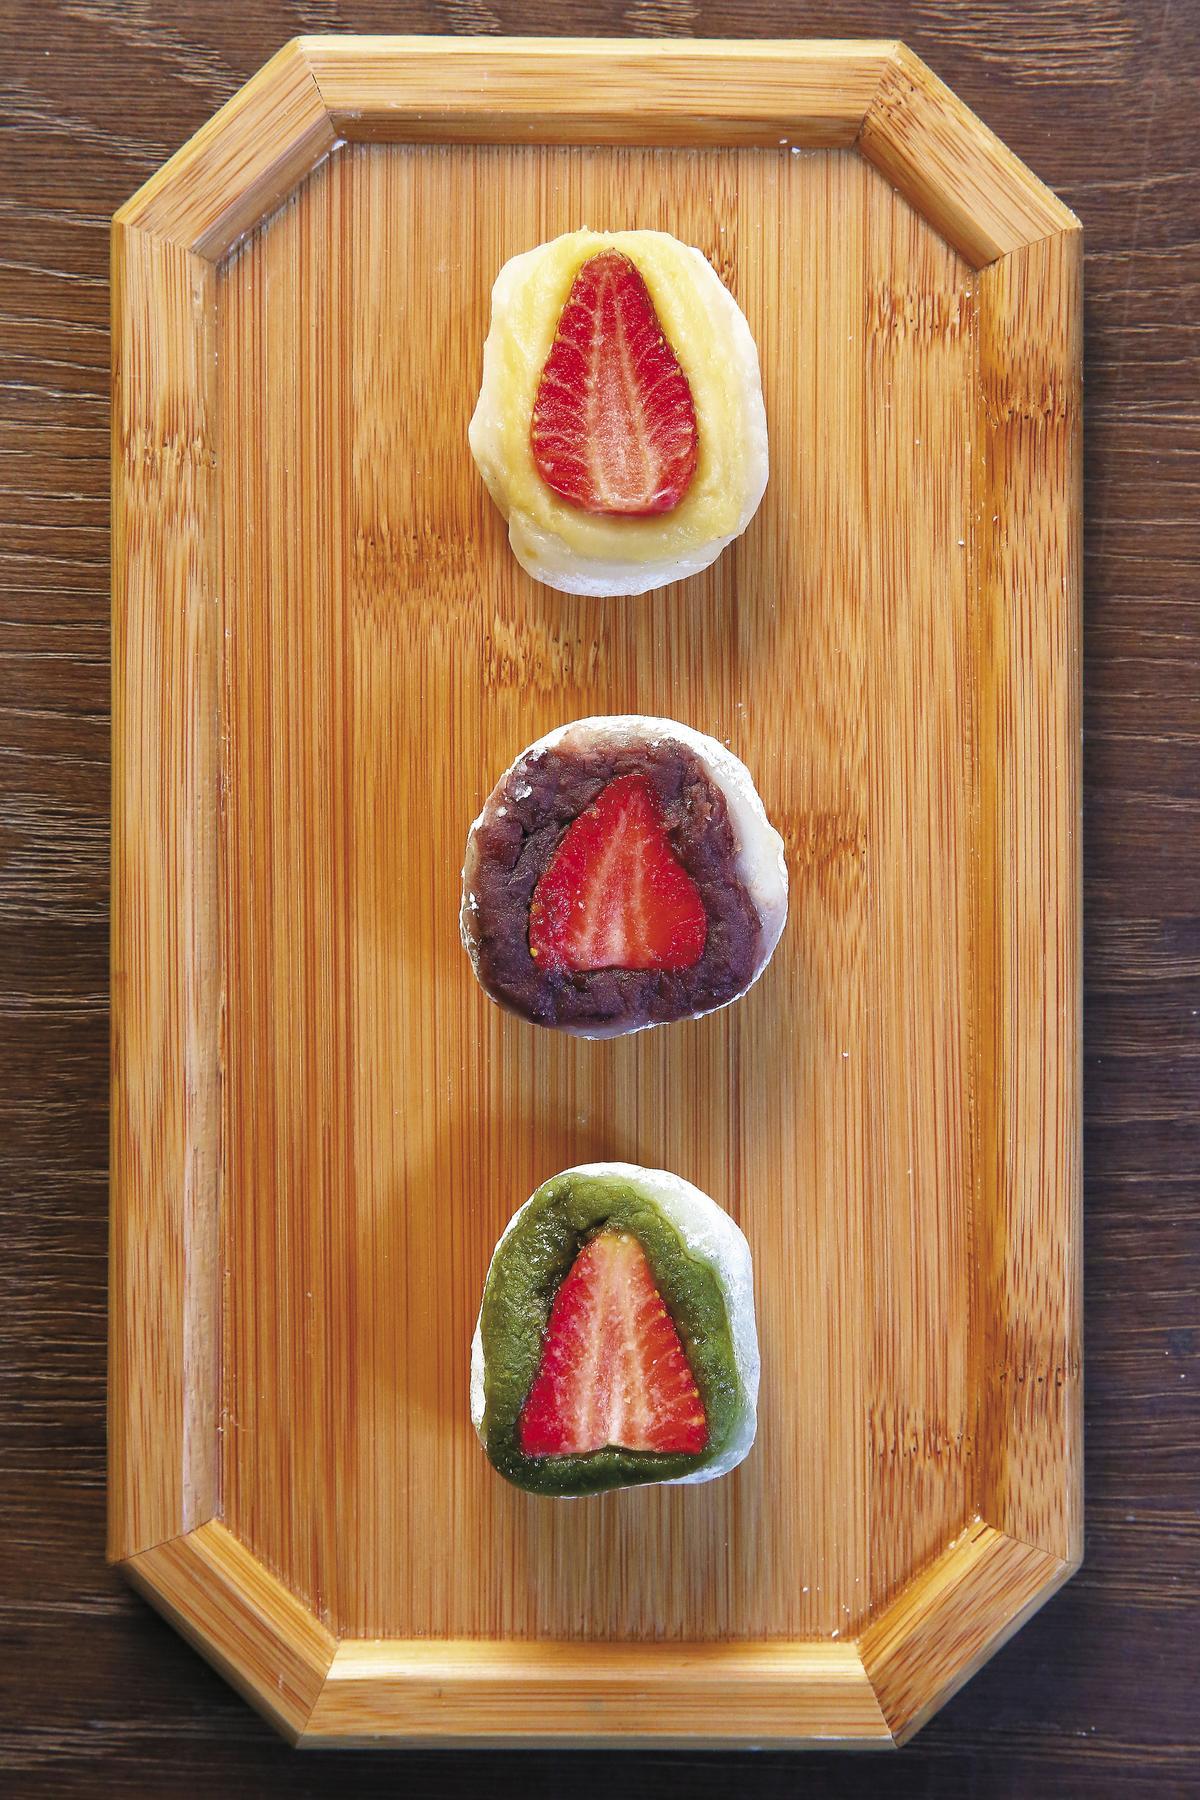 招牌草莓大福不只可搭紅豆餡,還能客製化換成奶油或抹茶餡。(80元/個)